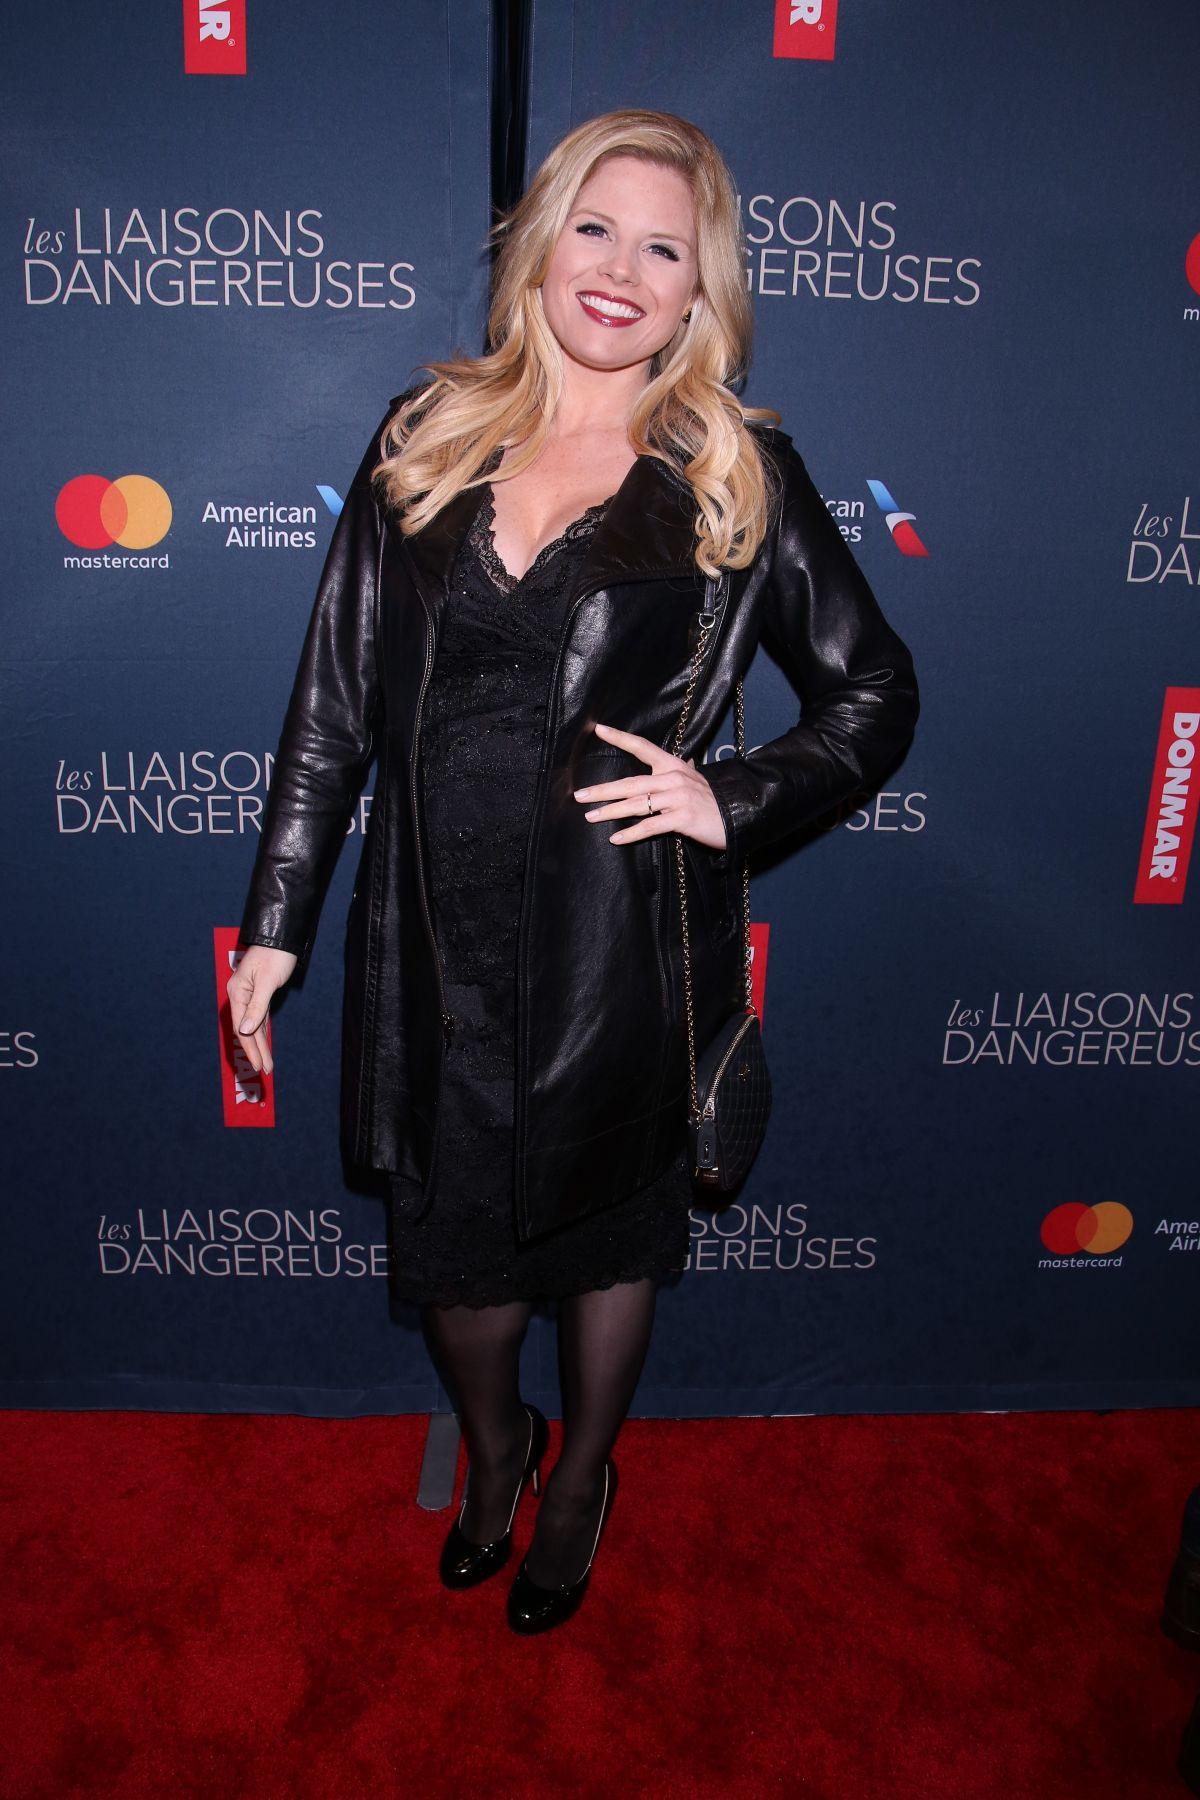 MEGAN HILTY at Les Liasons Dangereuses Opening Night in New York 10/30/2016